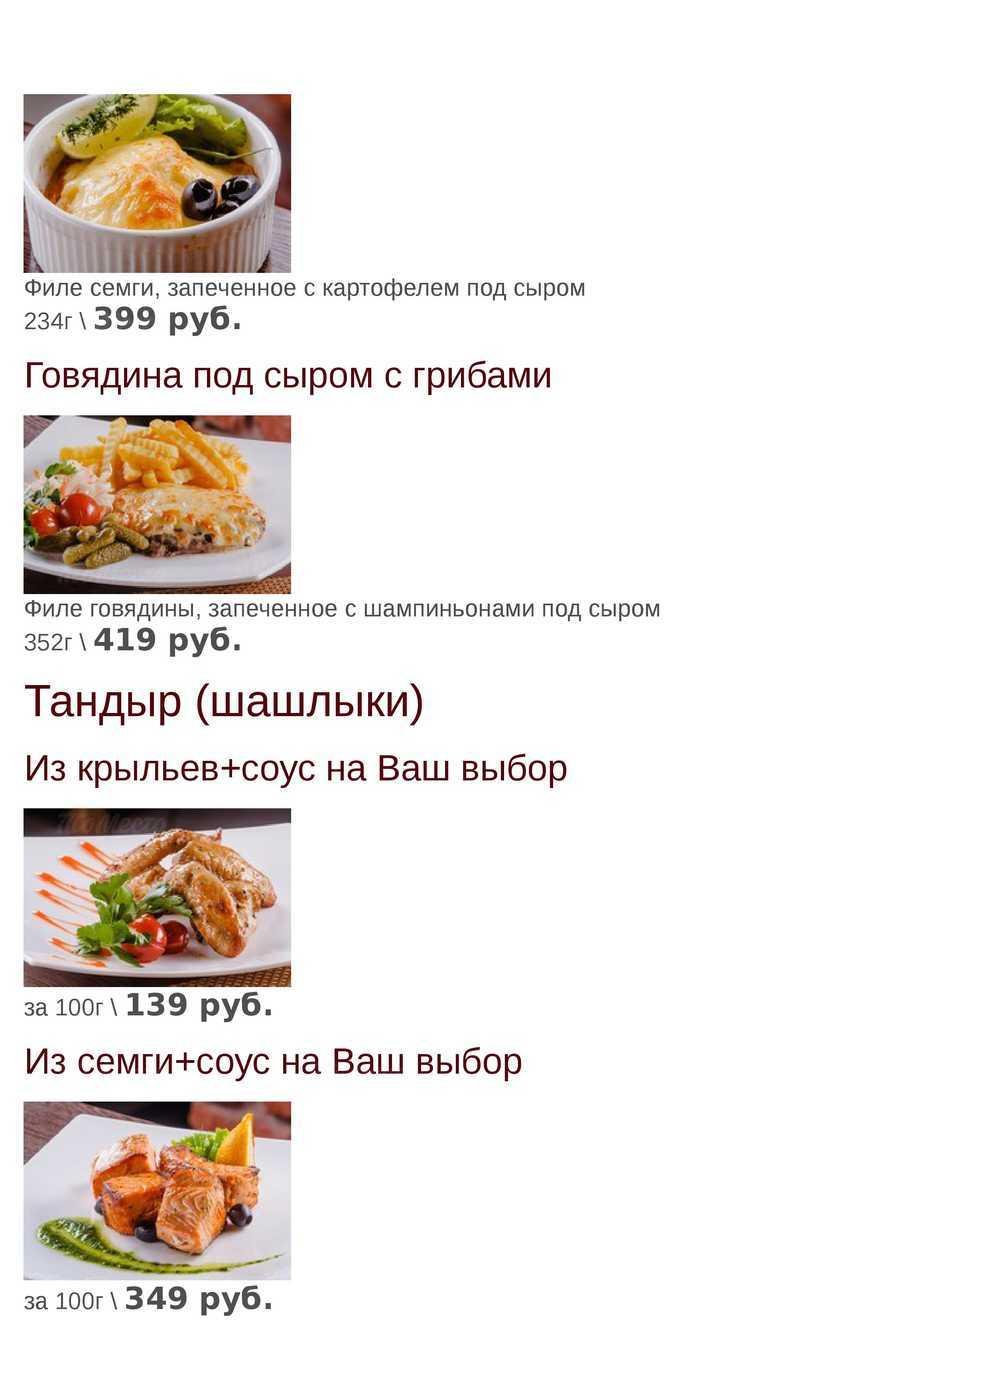 Меню кафе Ермак на проспекте имени газеты Красноярский Рабочий фото 20